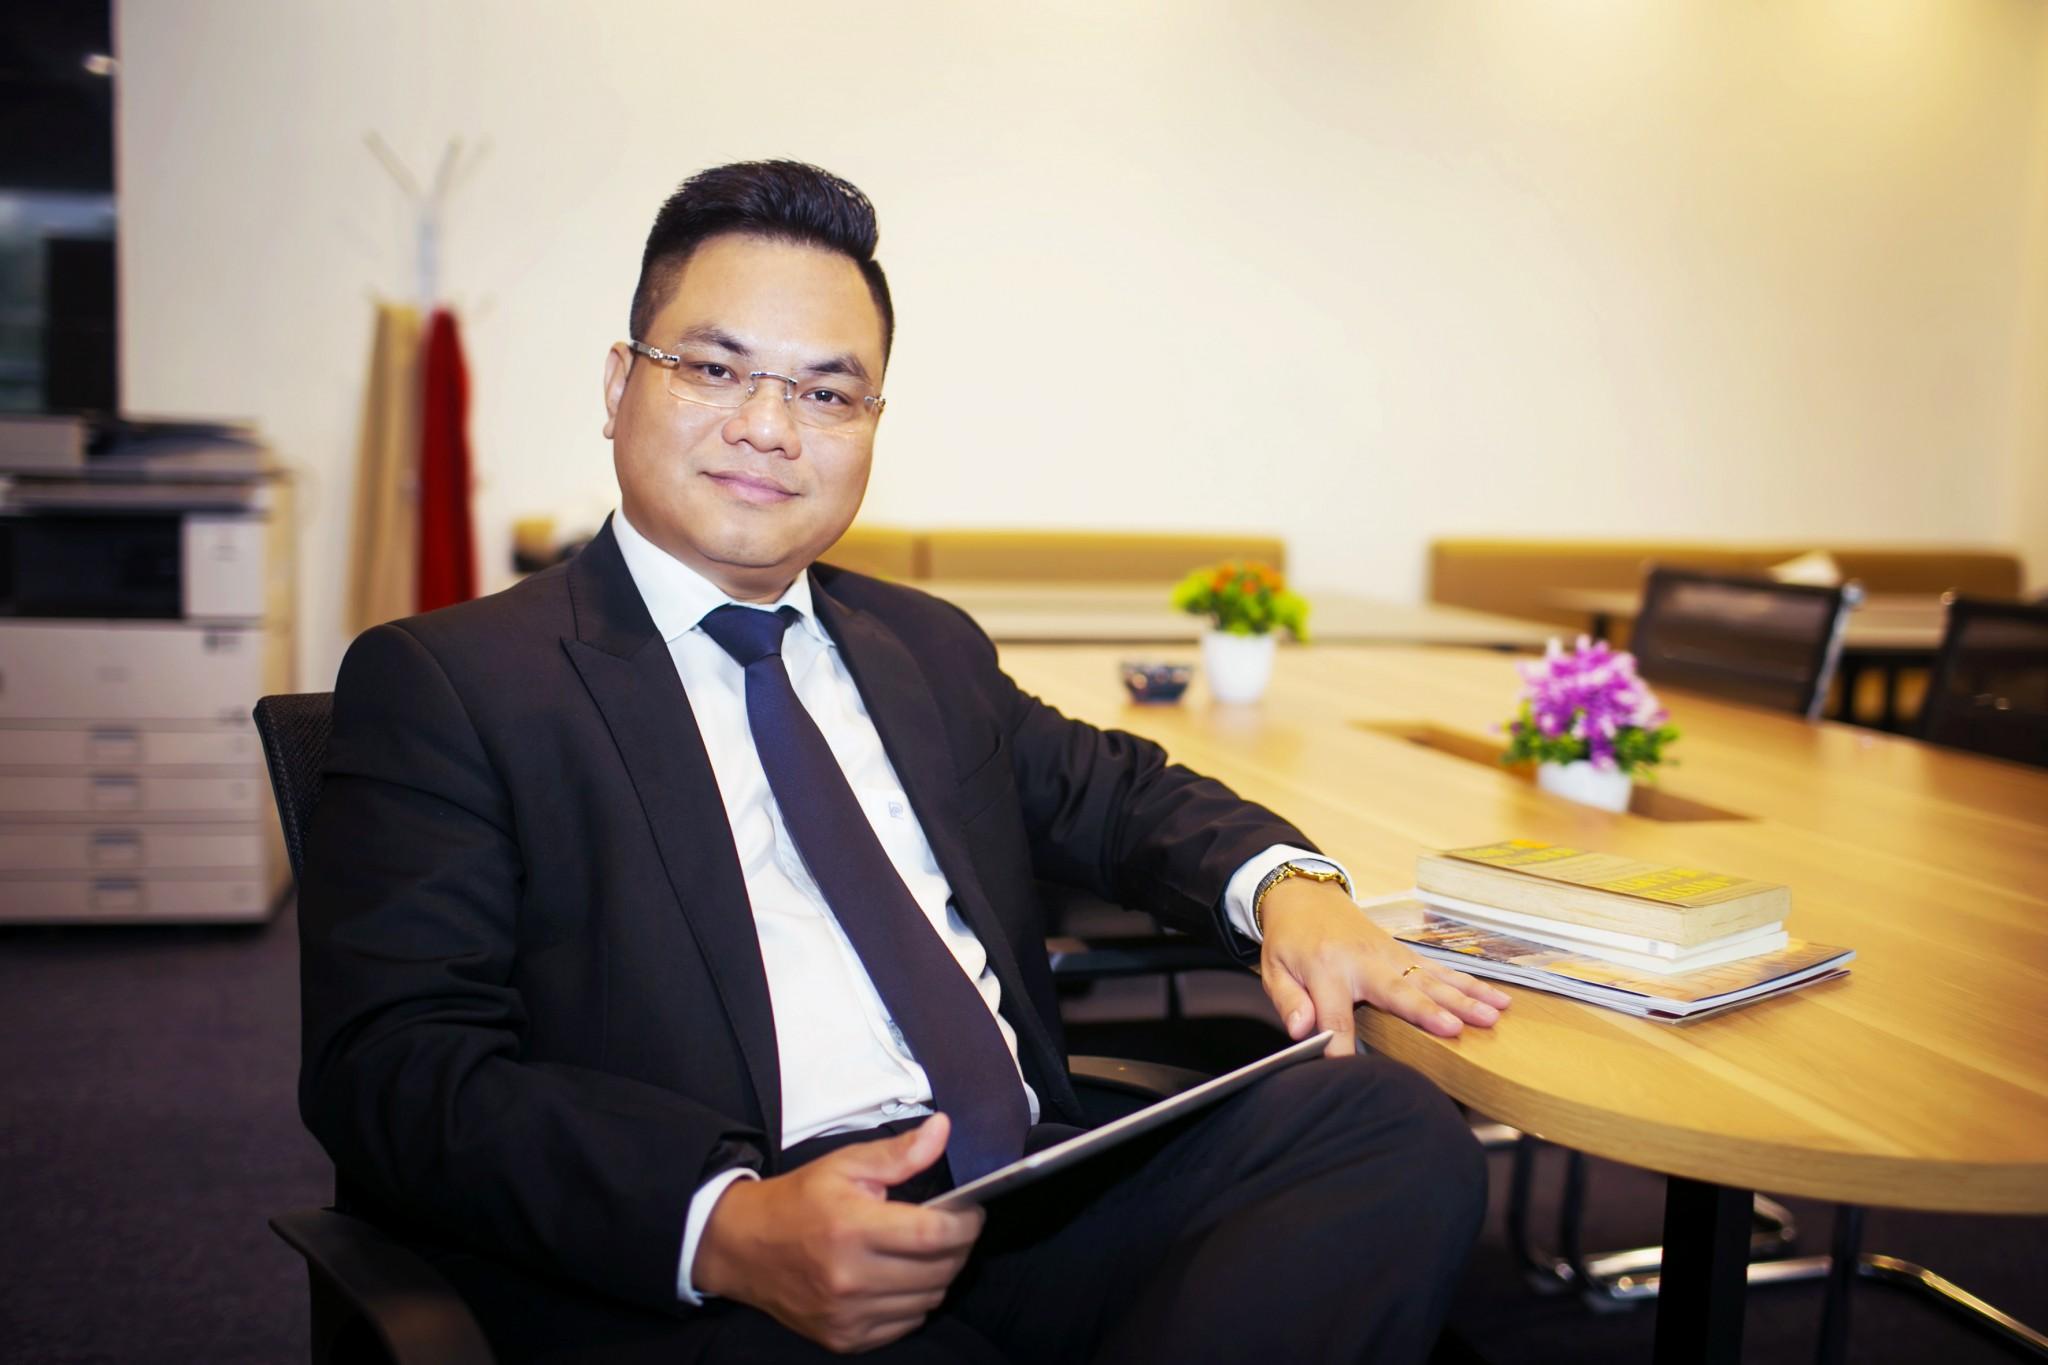 Sửa đổi, bổ sung các quy định về Hộ kinh doanh trong dự thảo Luật Doanh nghiệp